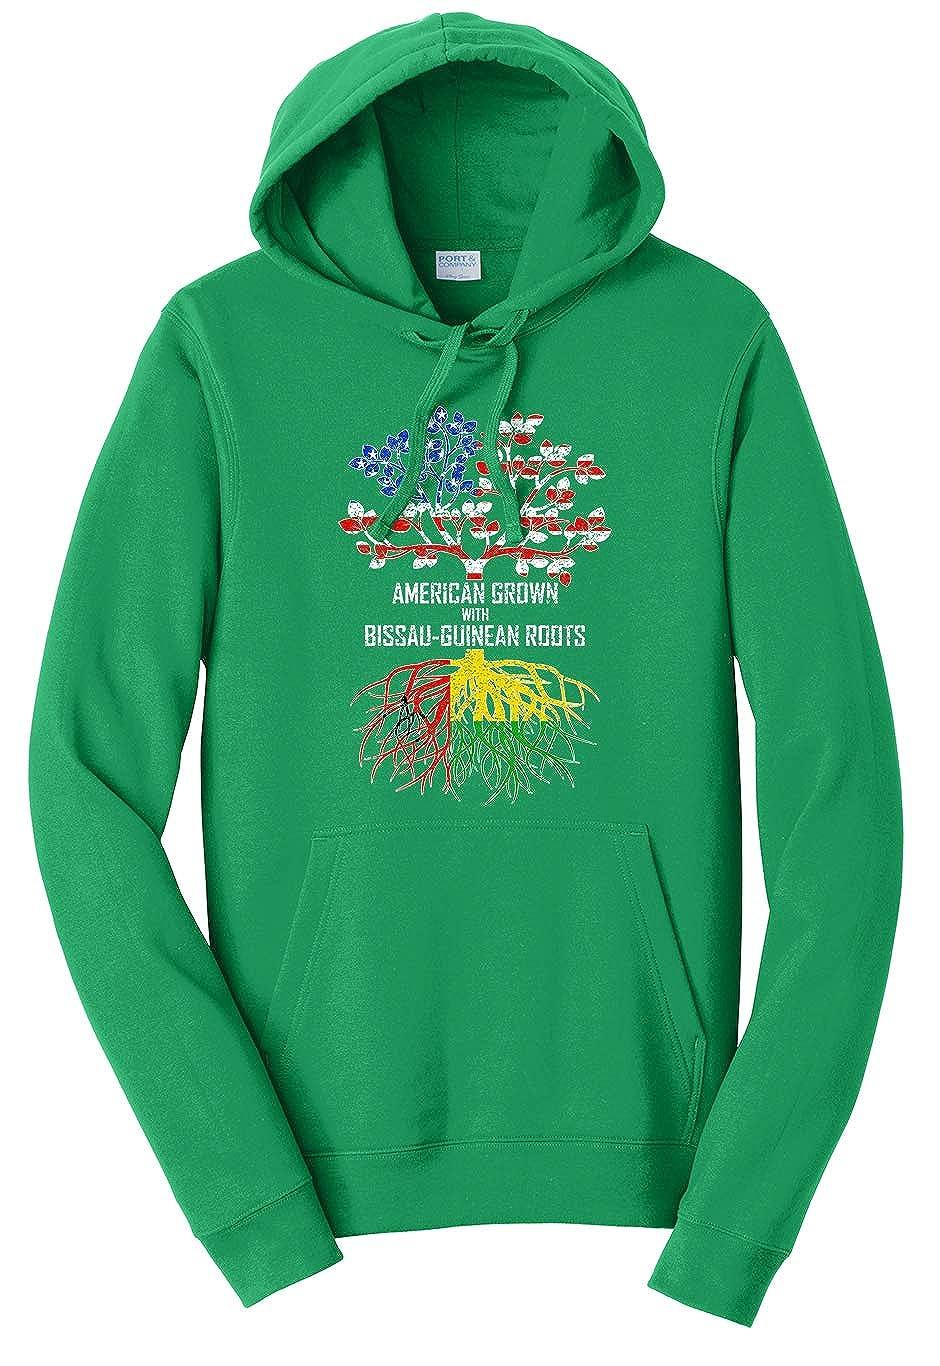 Tenacitee Unisex American Grown with Bissau-Guinean Roots Sweatshirt